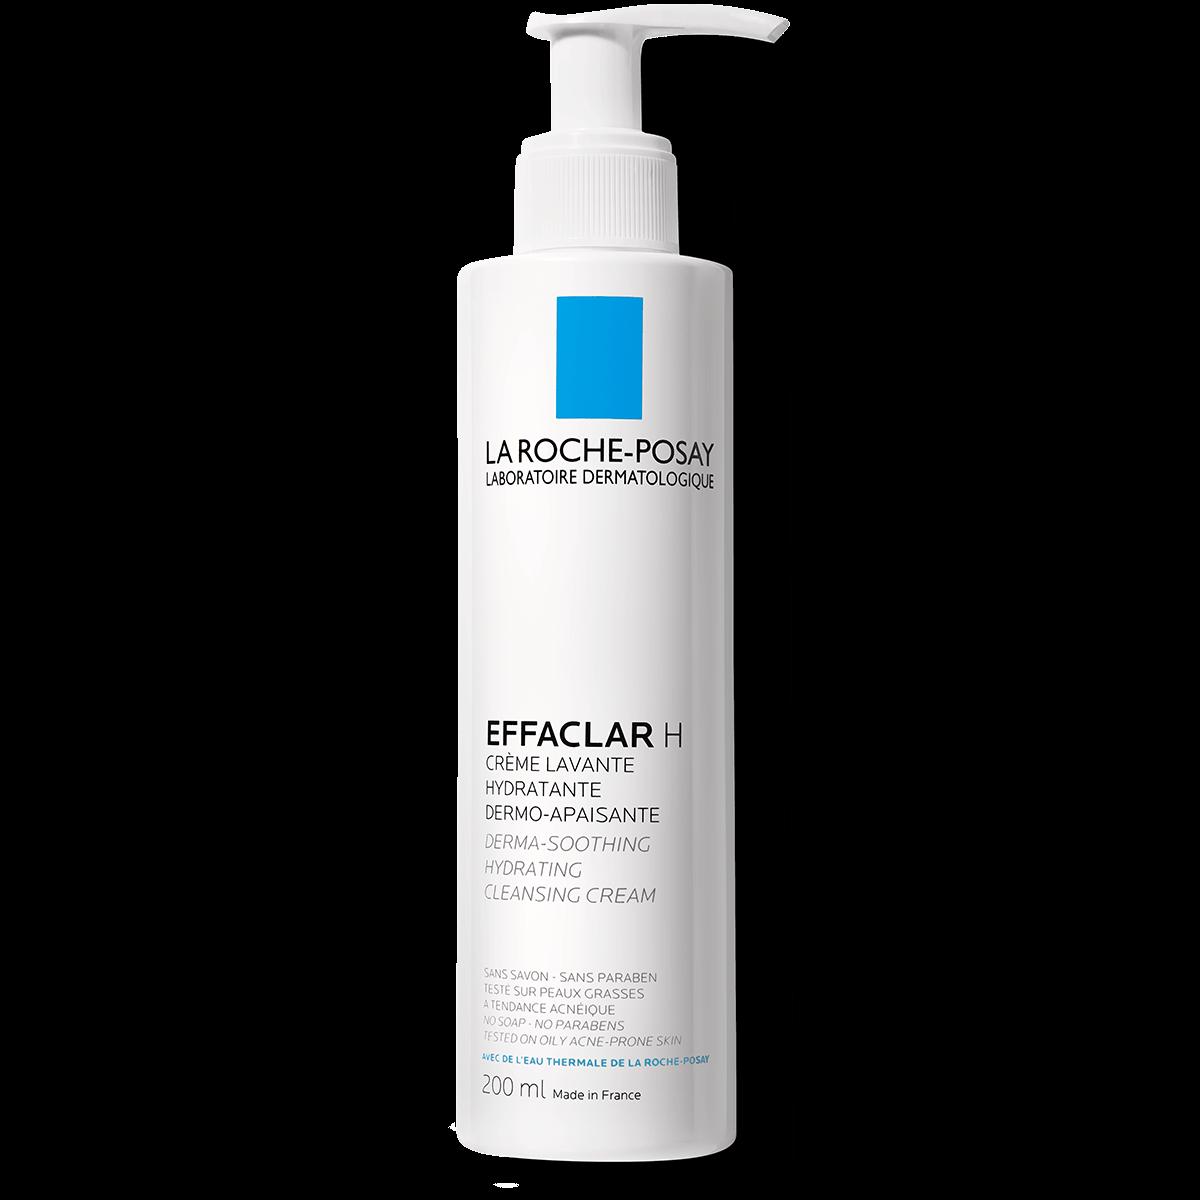 Effaclar h krem myjący EFFACLAR H KOJĄCO-NAWILŻAJĄCY KREM MYJĄCY 200 ml Przód | La Roche Posay